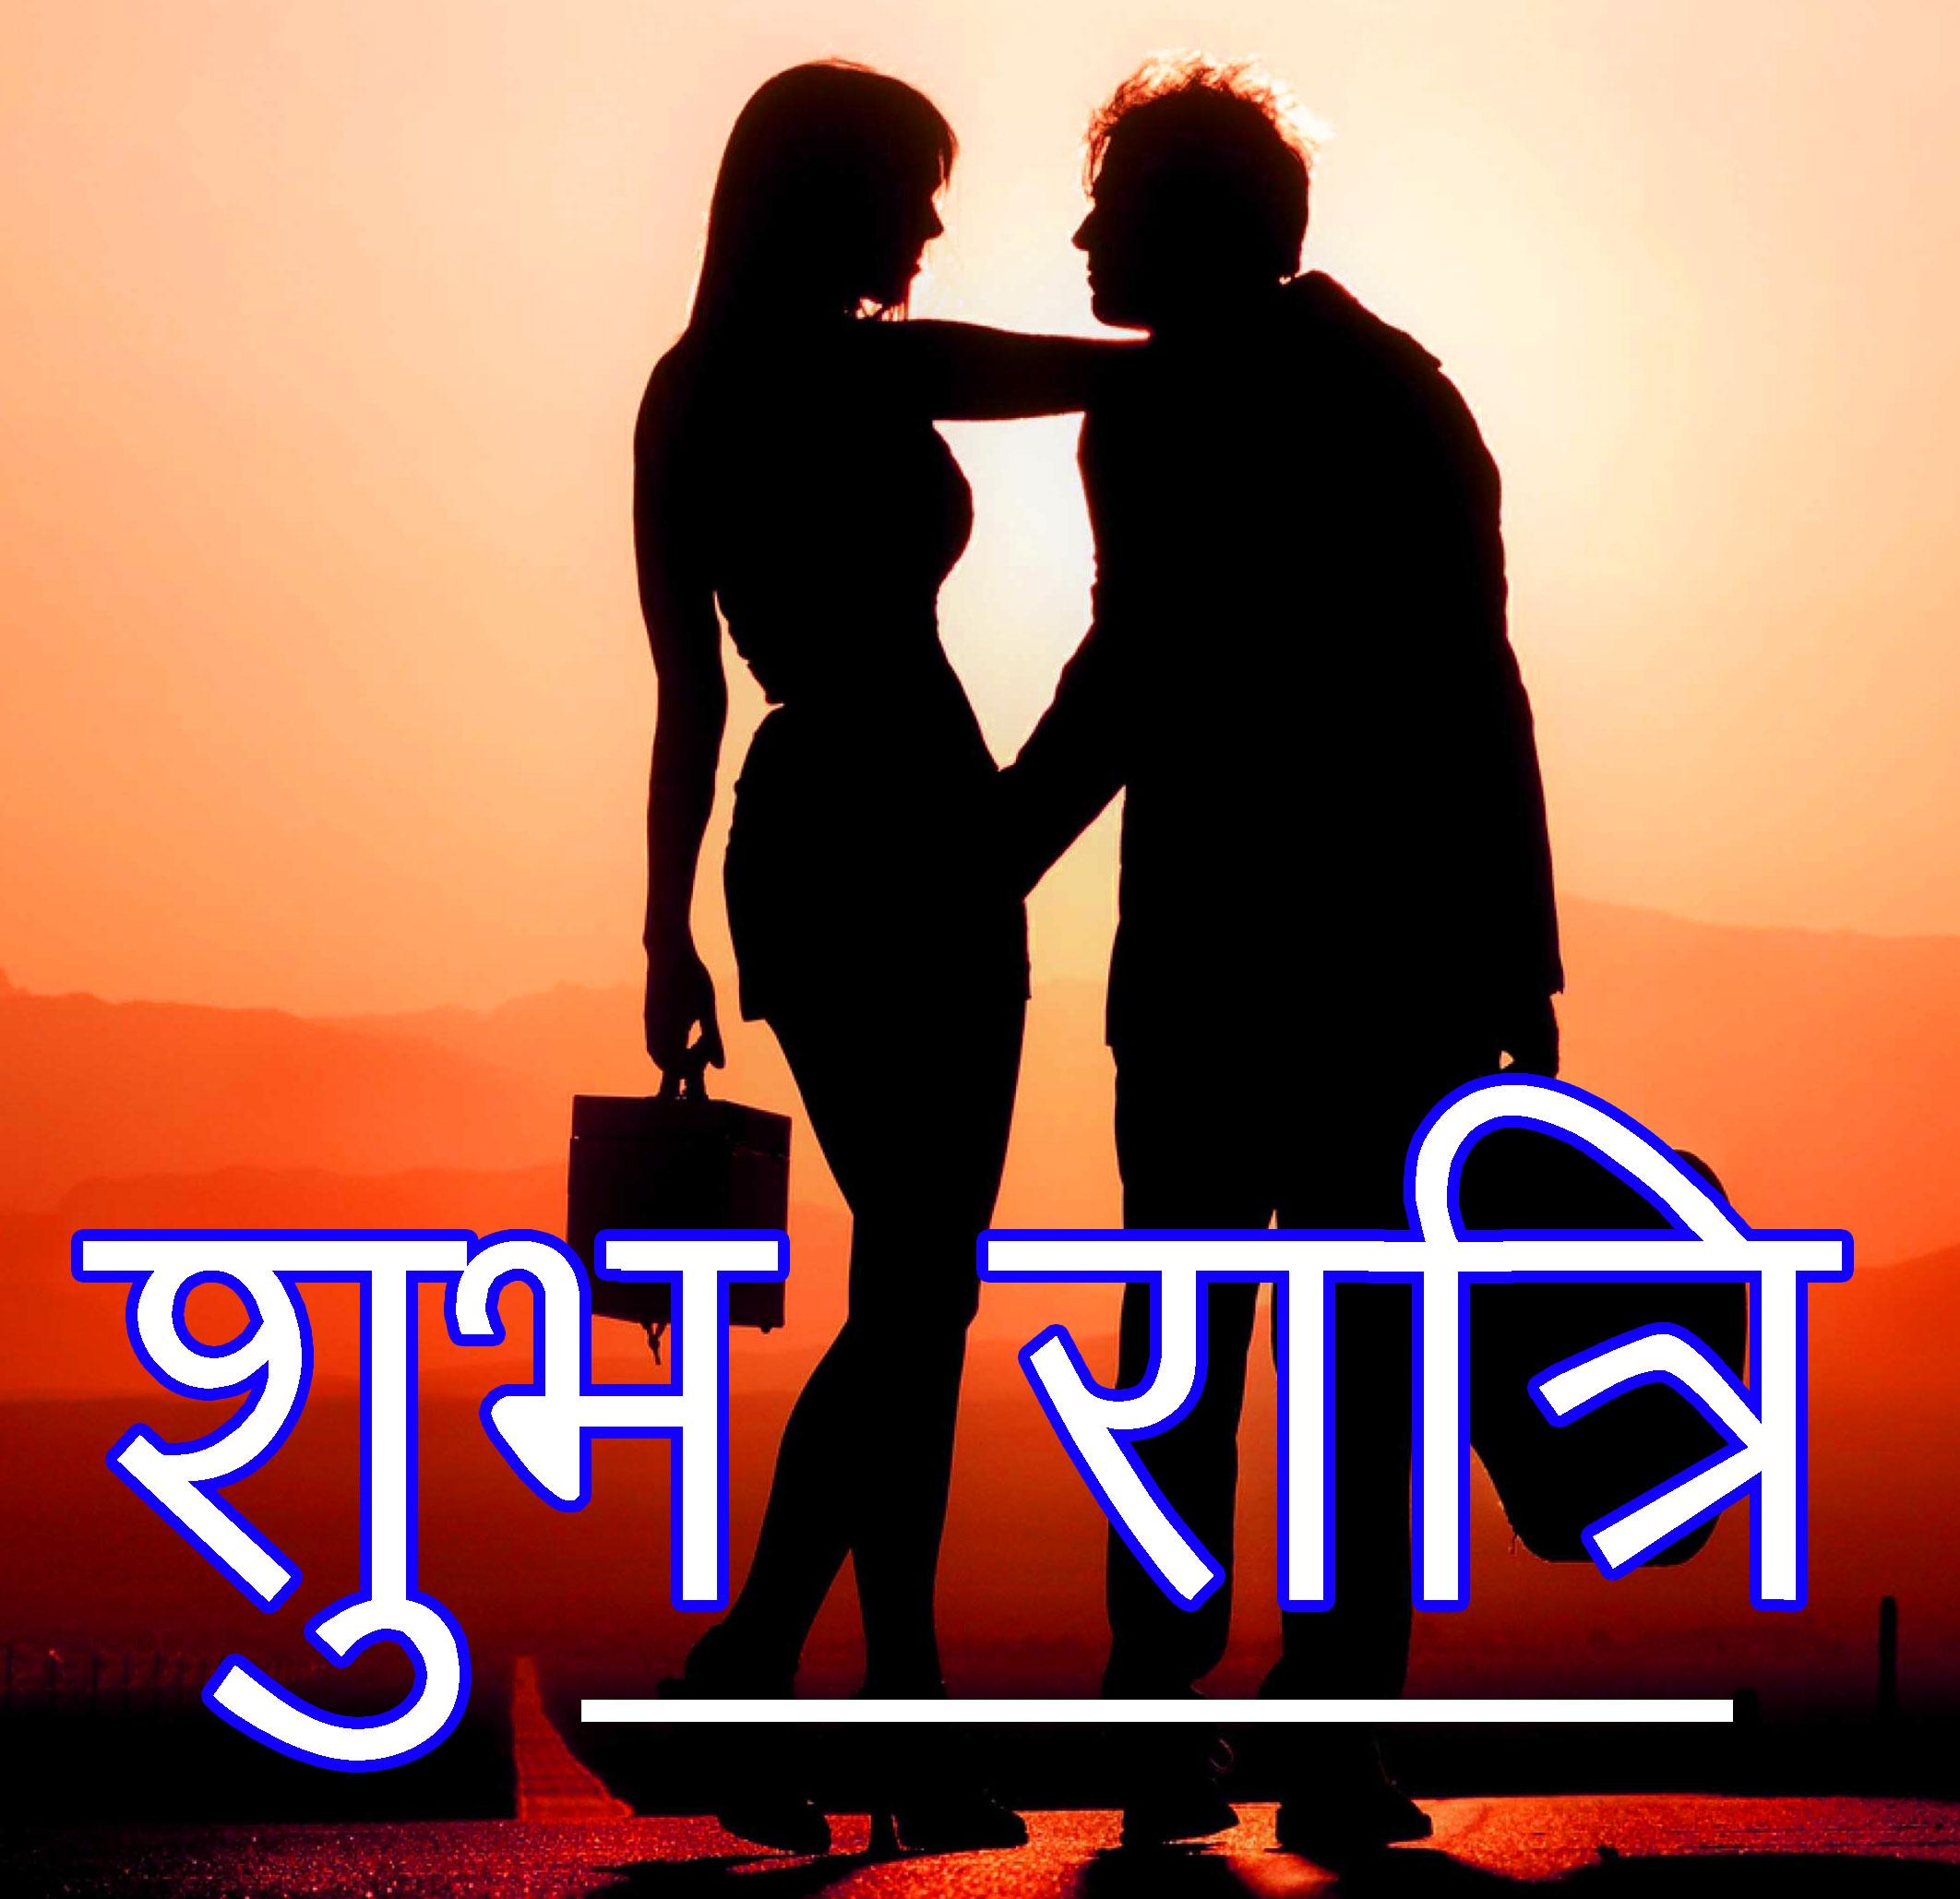 Shubh Ratri Wallpaper 3